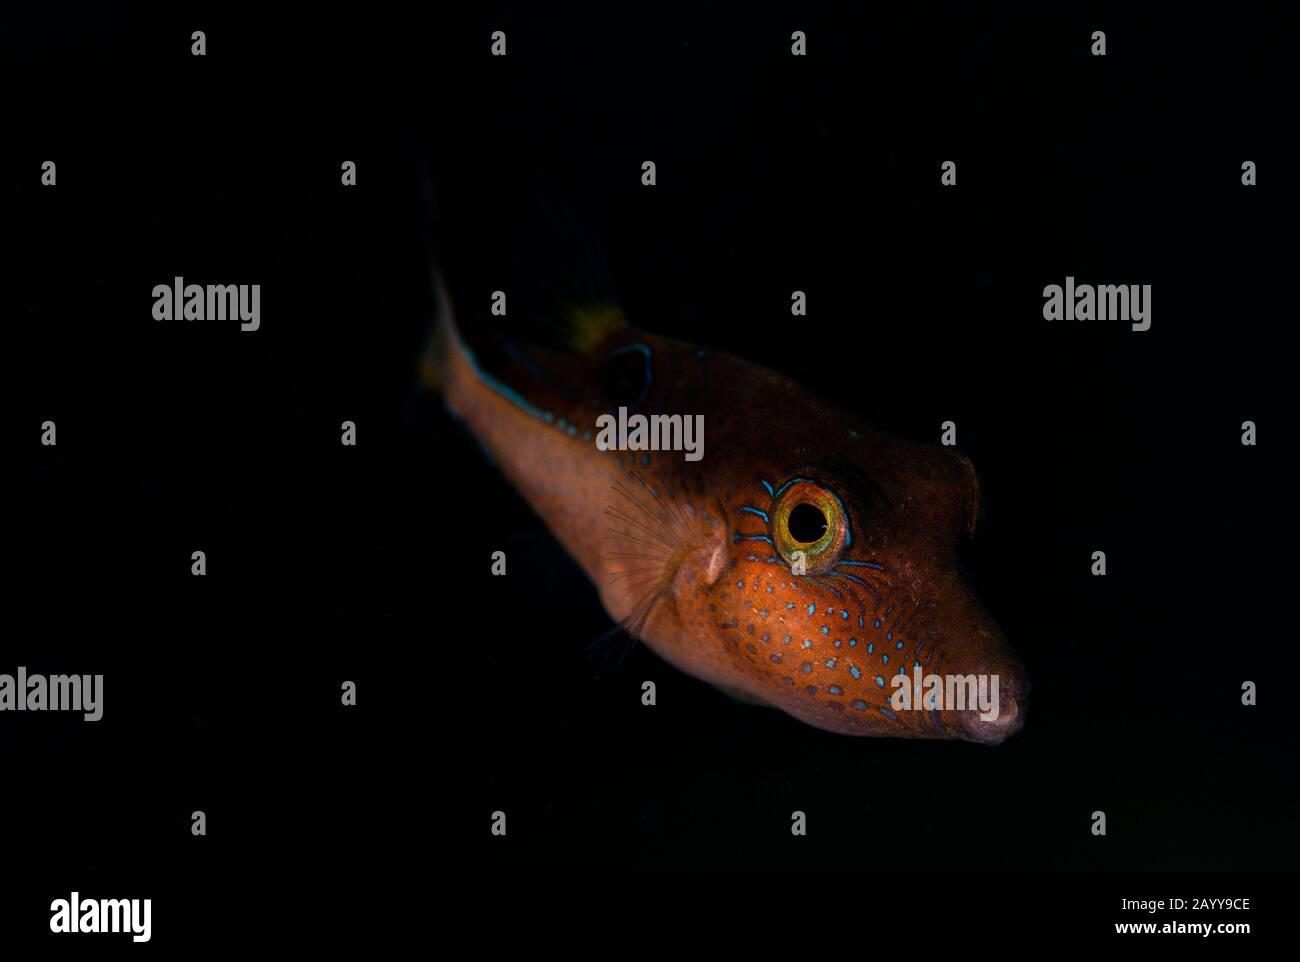 El farolero de la nariz del picor de a Valentin explora Buddy's Reef en Bonaire, países Bajos. El nombre científico es Canthigaster Valentine. Foto de stock